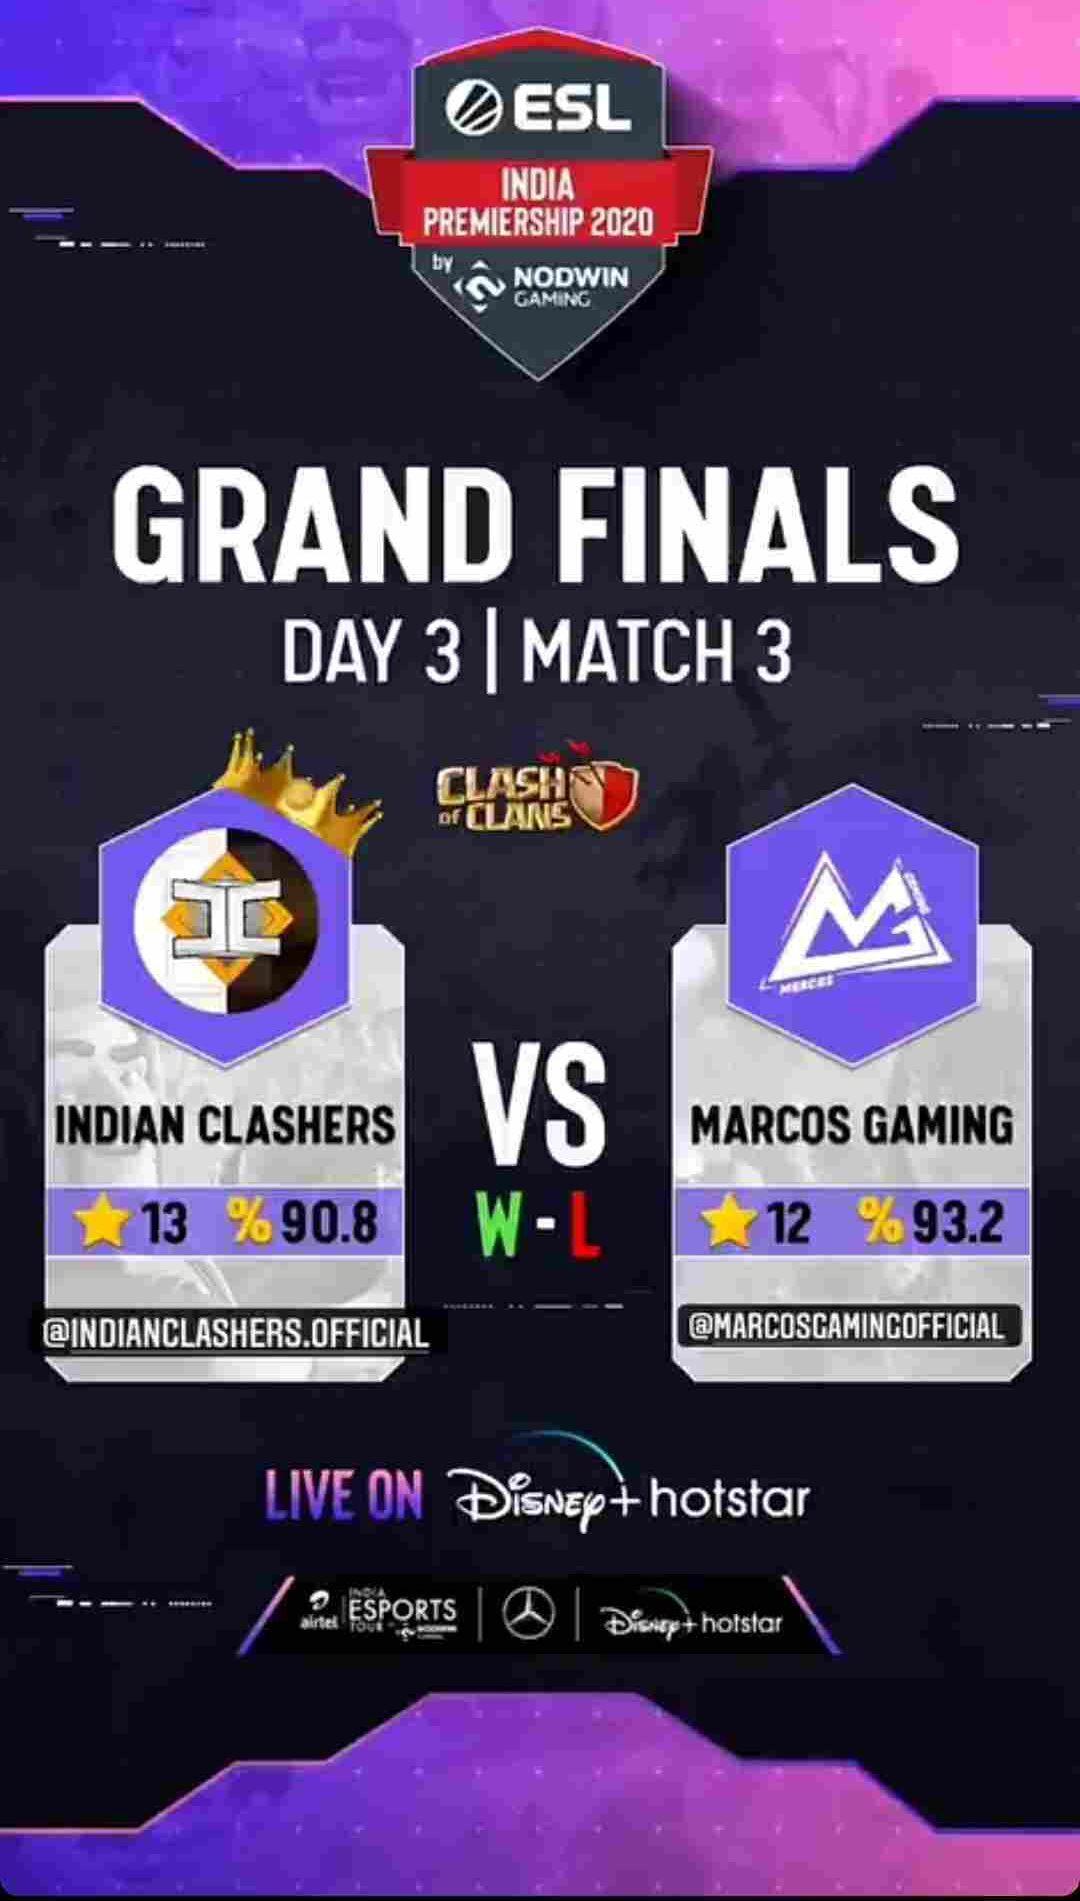 Clash of Clans - ESL India Premiership 2020